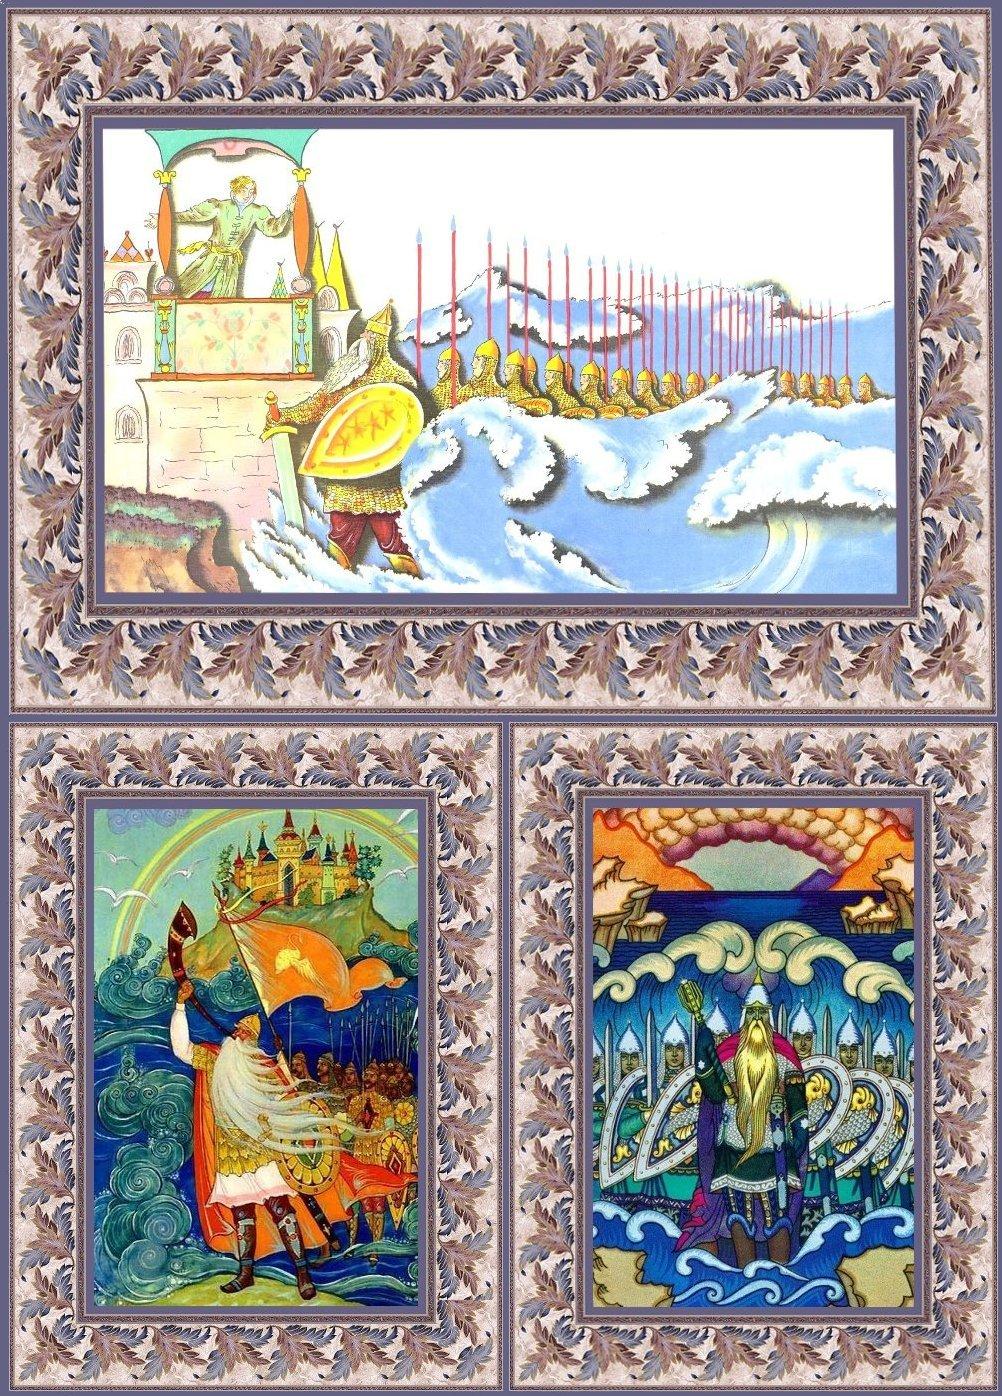 Сказки Пушкина Иллюстрации мой коллаж: художники В.Конашевич А. Куркин Б.Зворыкин